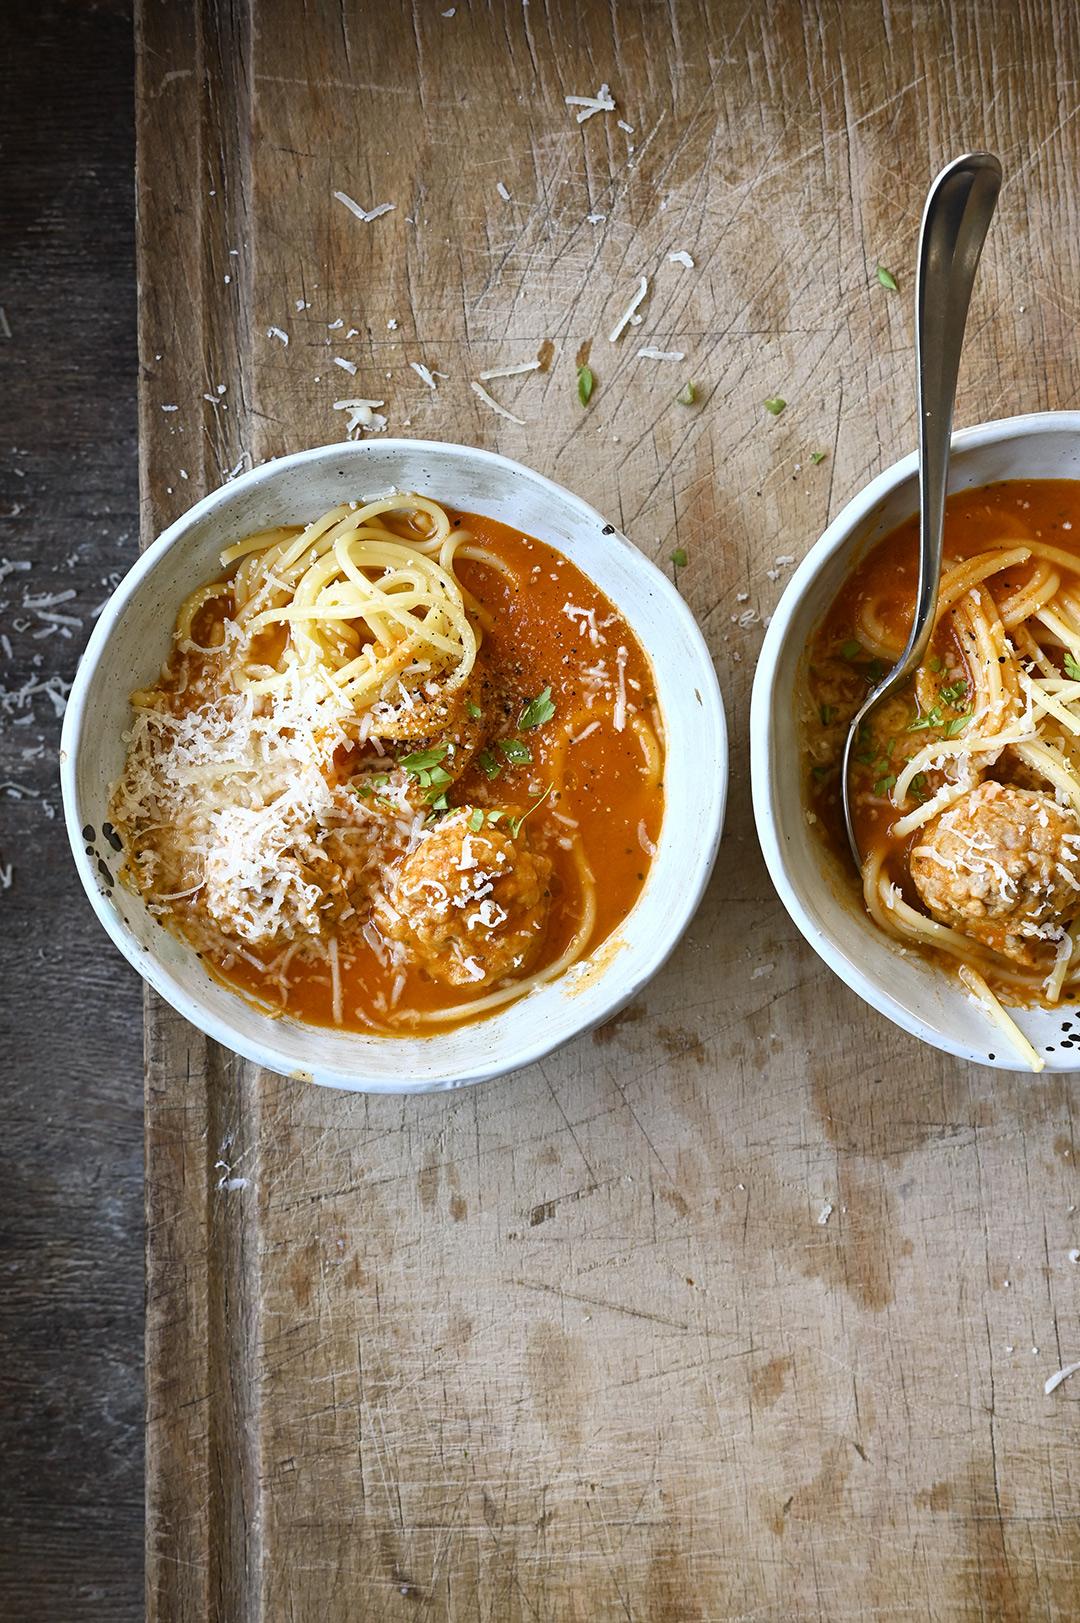 serving dumplings | Tomatensoep met gehaktballetjes en spaghetti